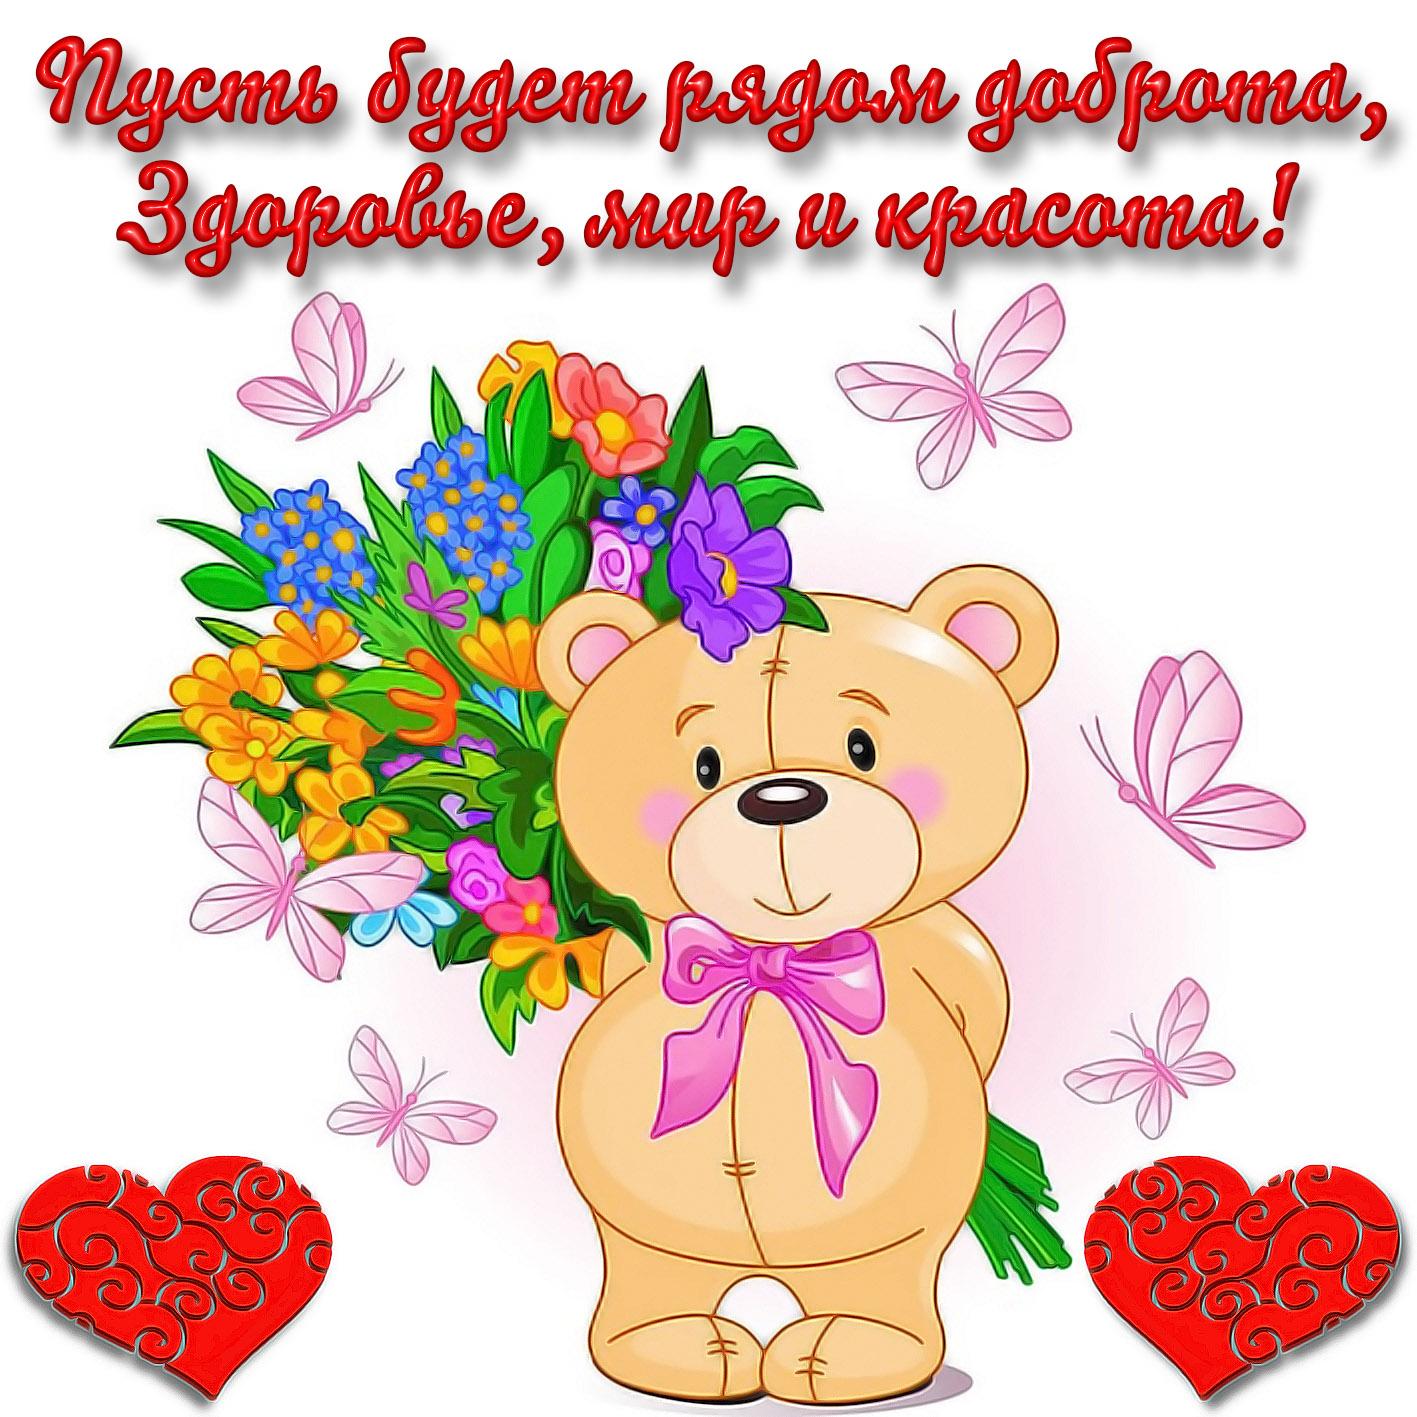 Открытка с пожеланием - забавный медвежонок с цветочками